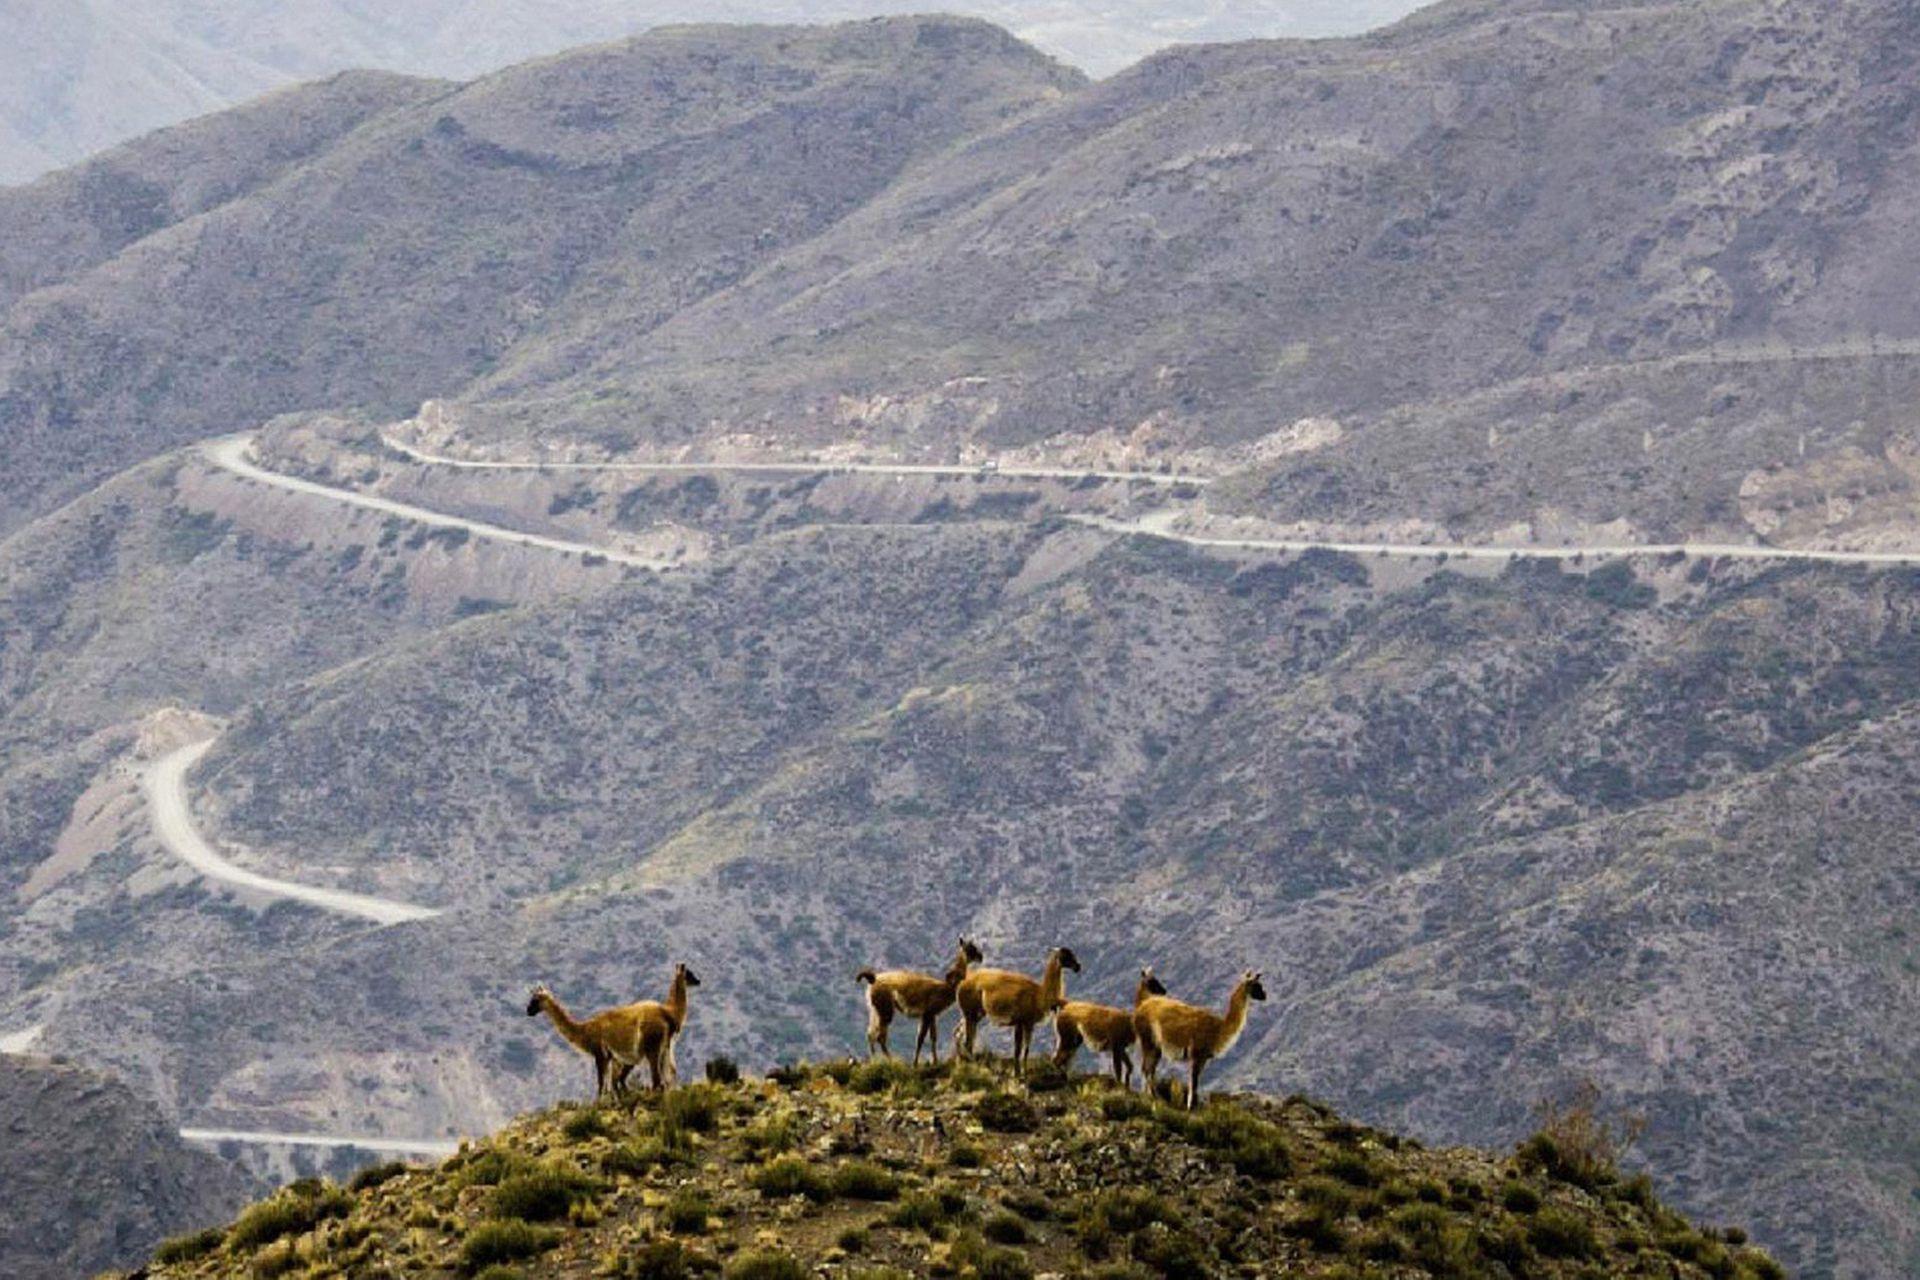 Los Caracoles de Villavicencio: 55 km de curvas desde Uspallata hasta el antiguo hotel termal